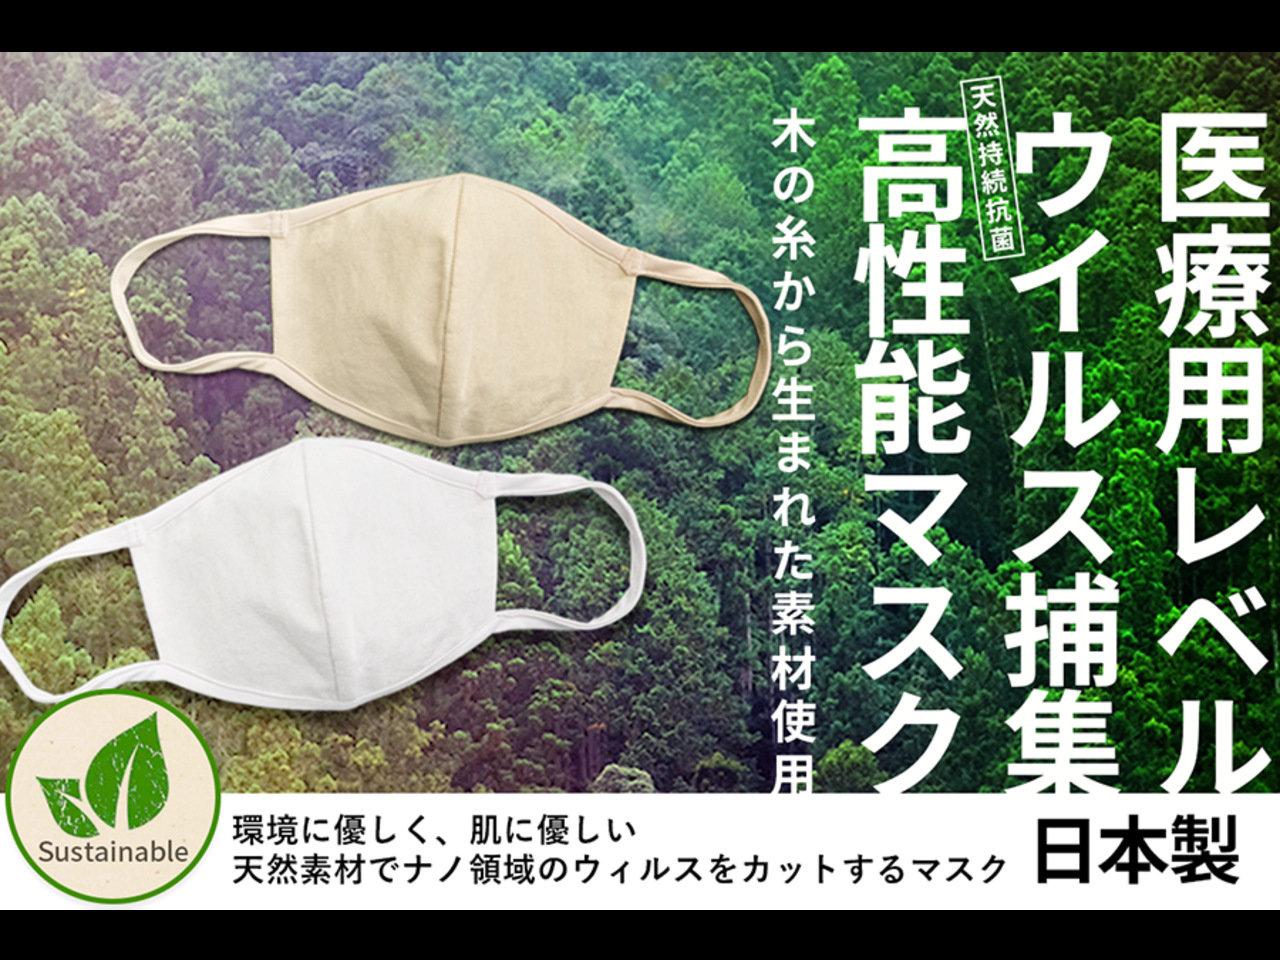 天然素材「木の糸」から生まれた医療用レベルの高性能「ナノ木糸マスク」1枚1980円で追加発売中。